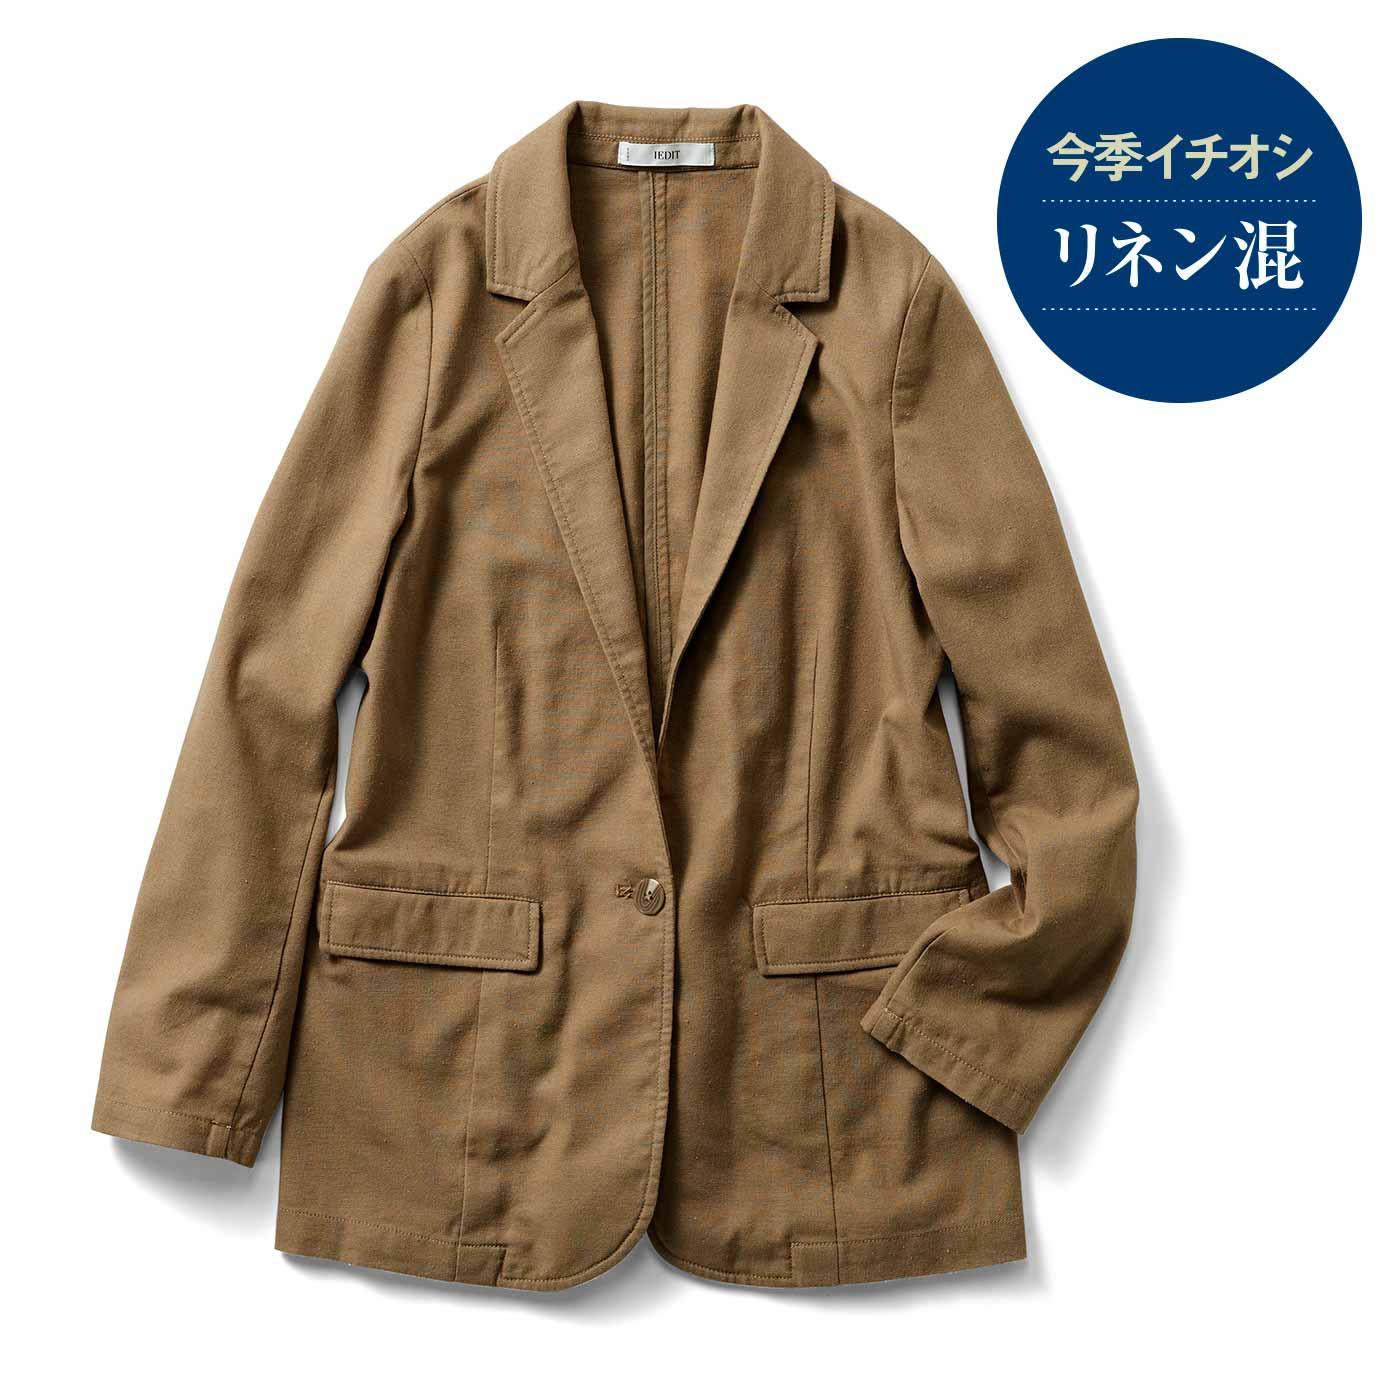 リネンすっきりジャケット〈キャメル〉IE